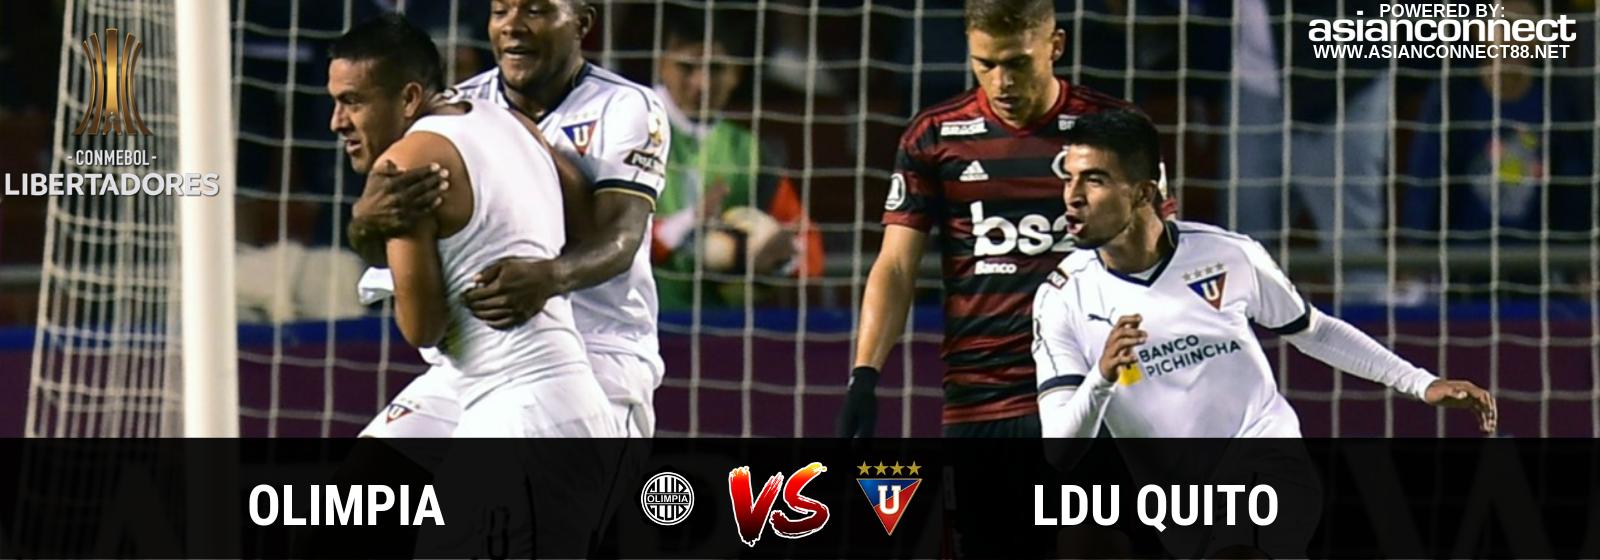 Copa Libertadores Olimpia Vs. LDU Quito Asian Connect